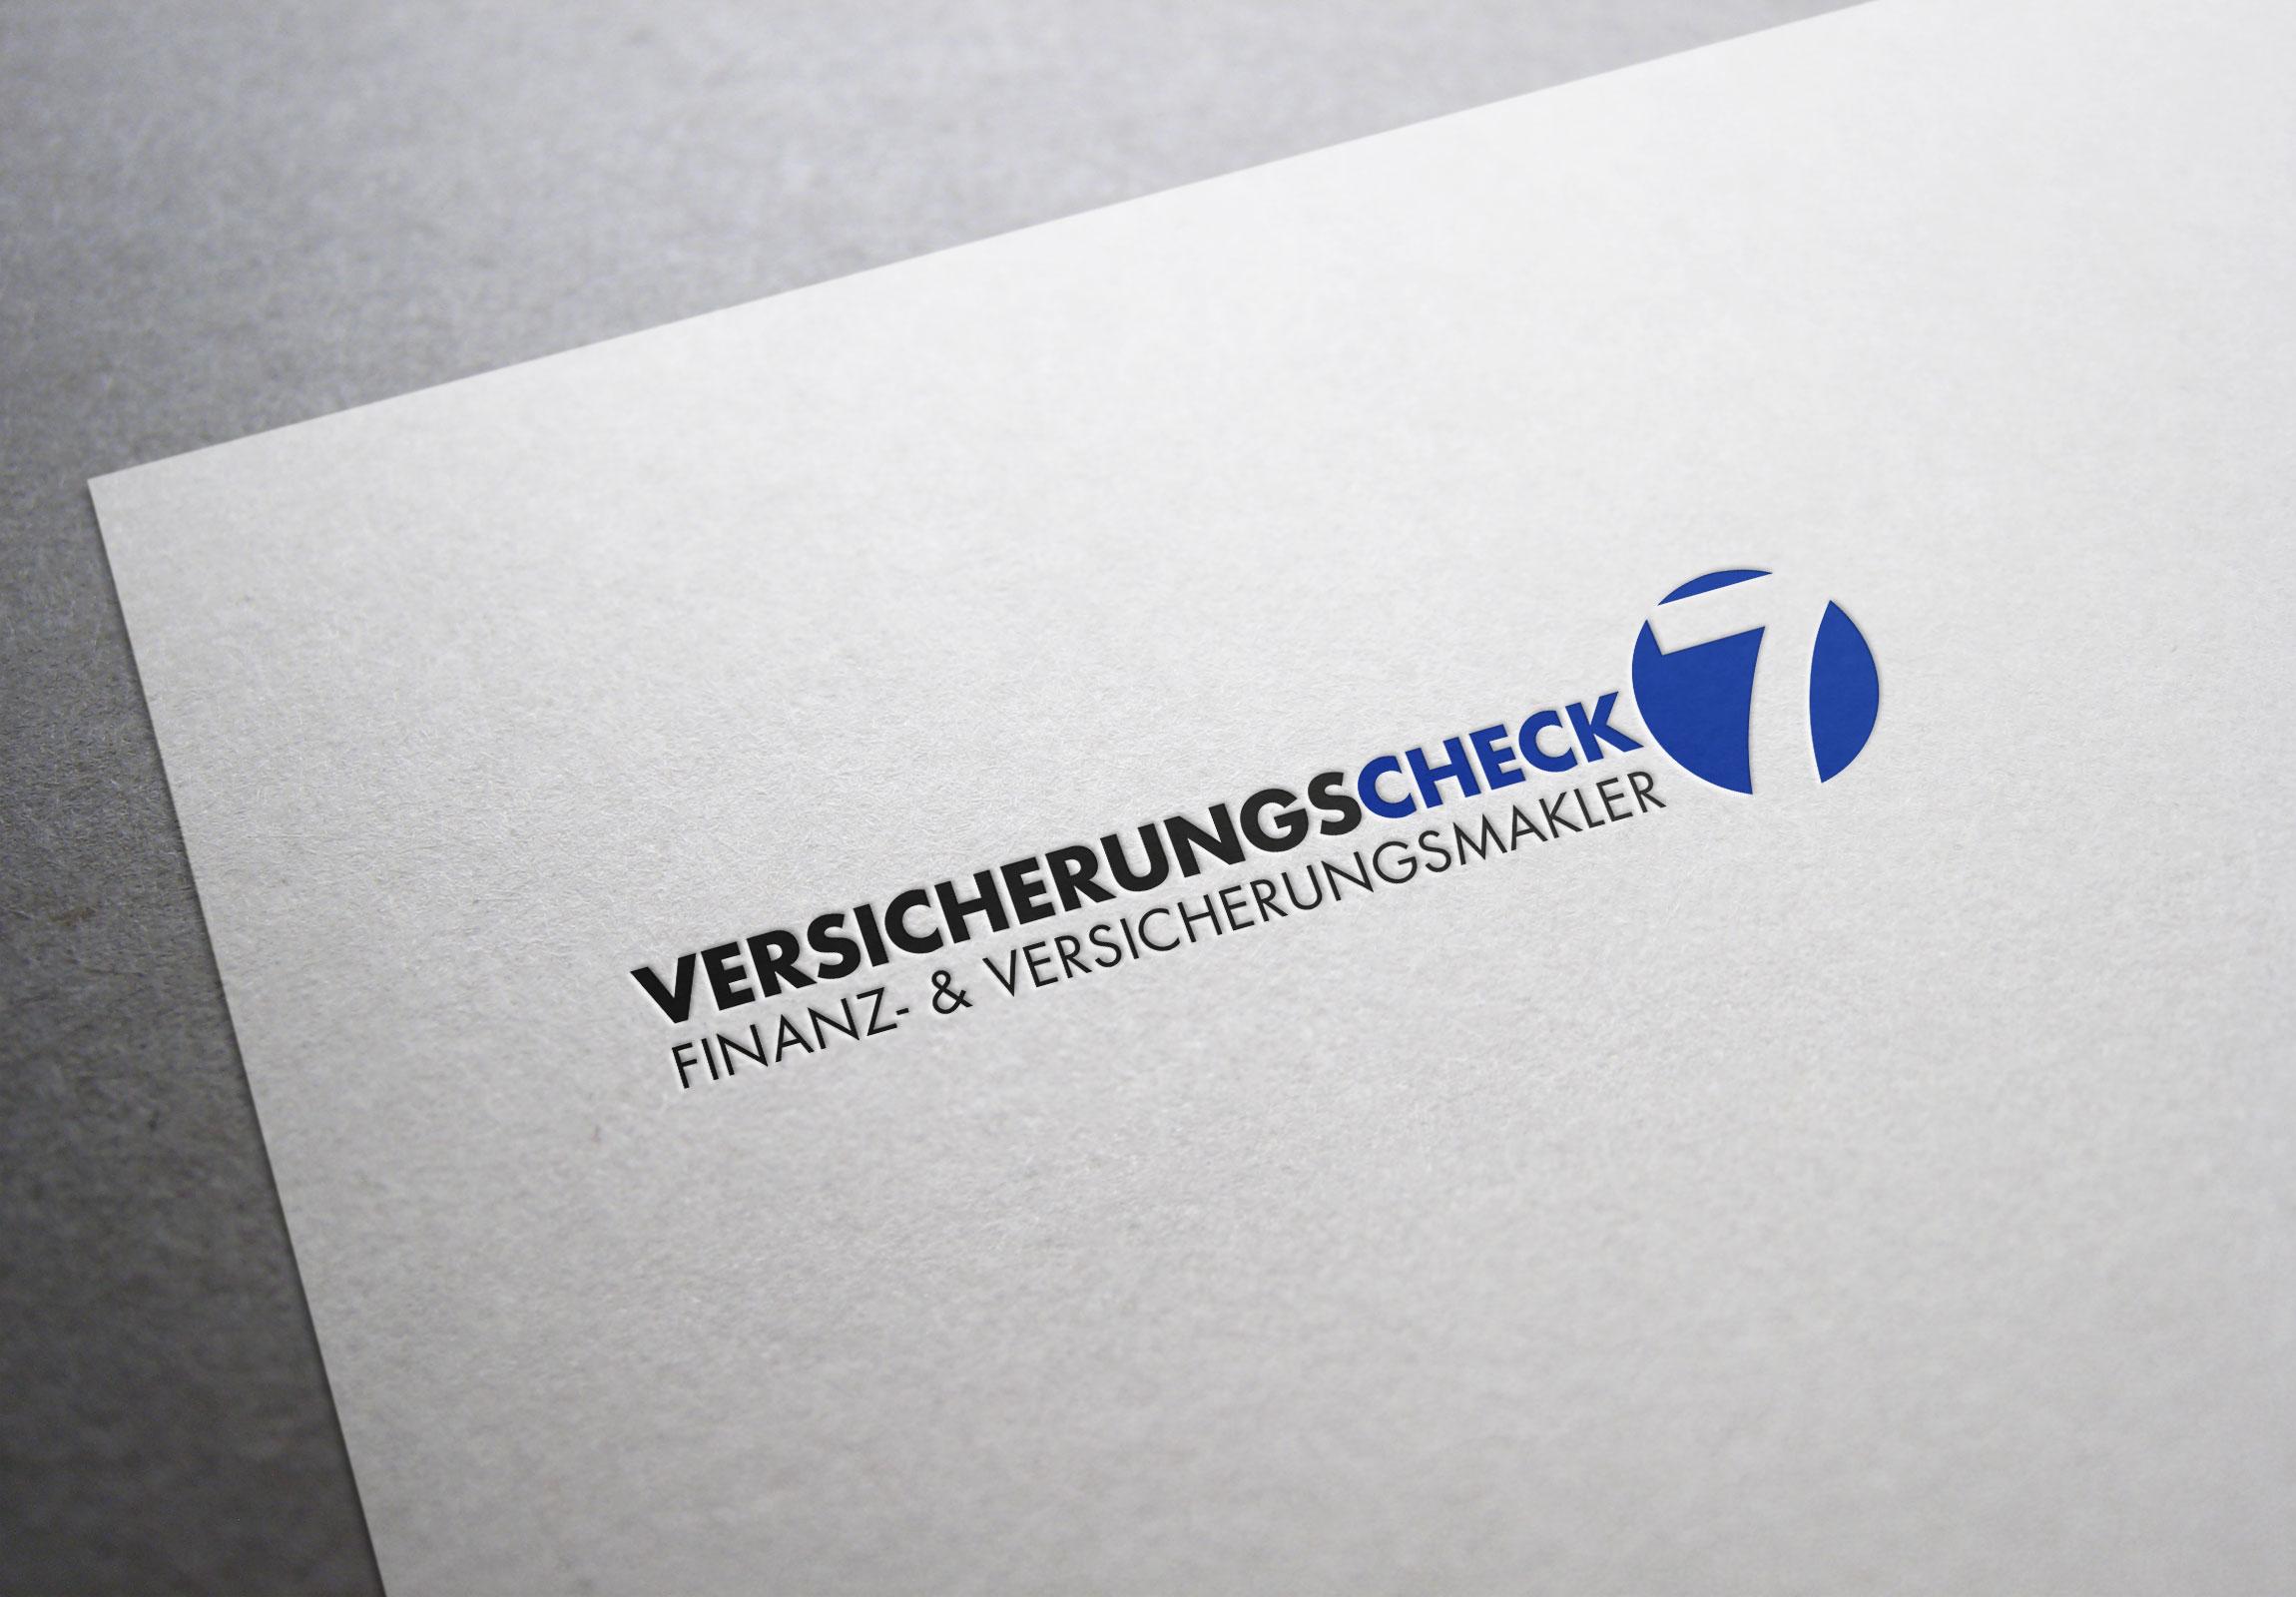 Logodesign Versicherungscheck7